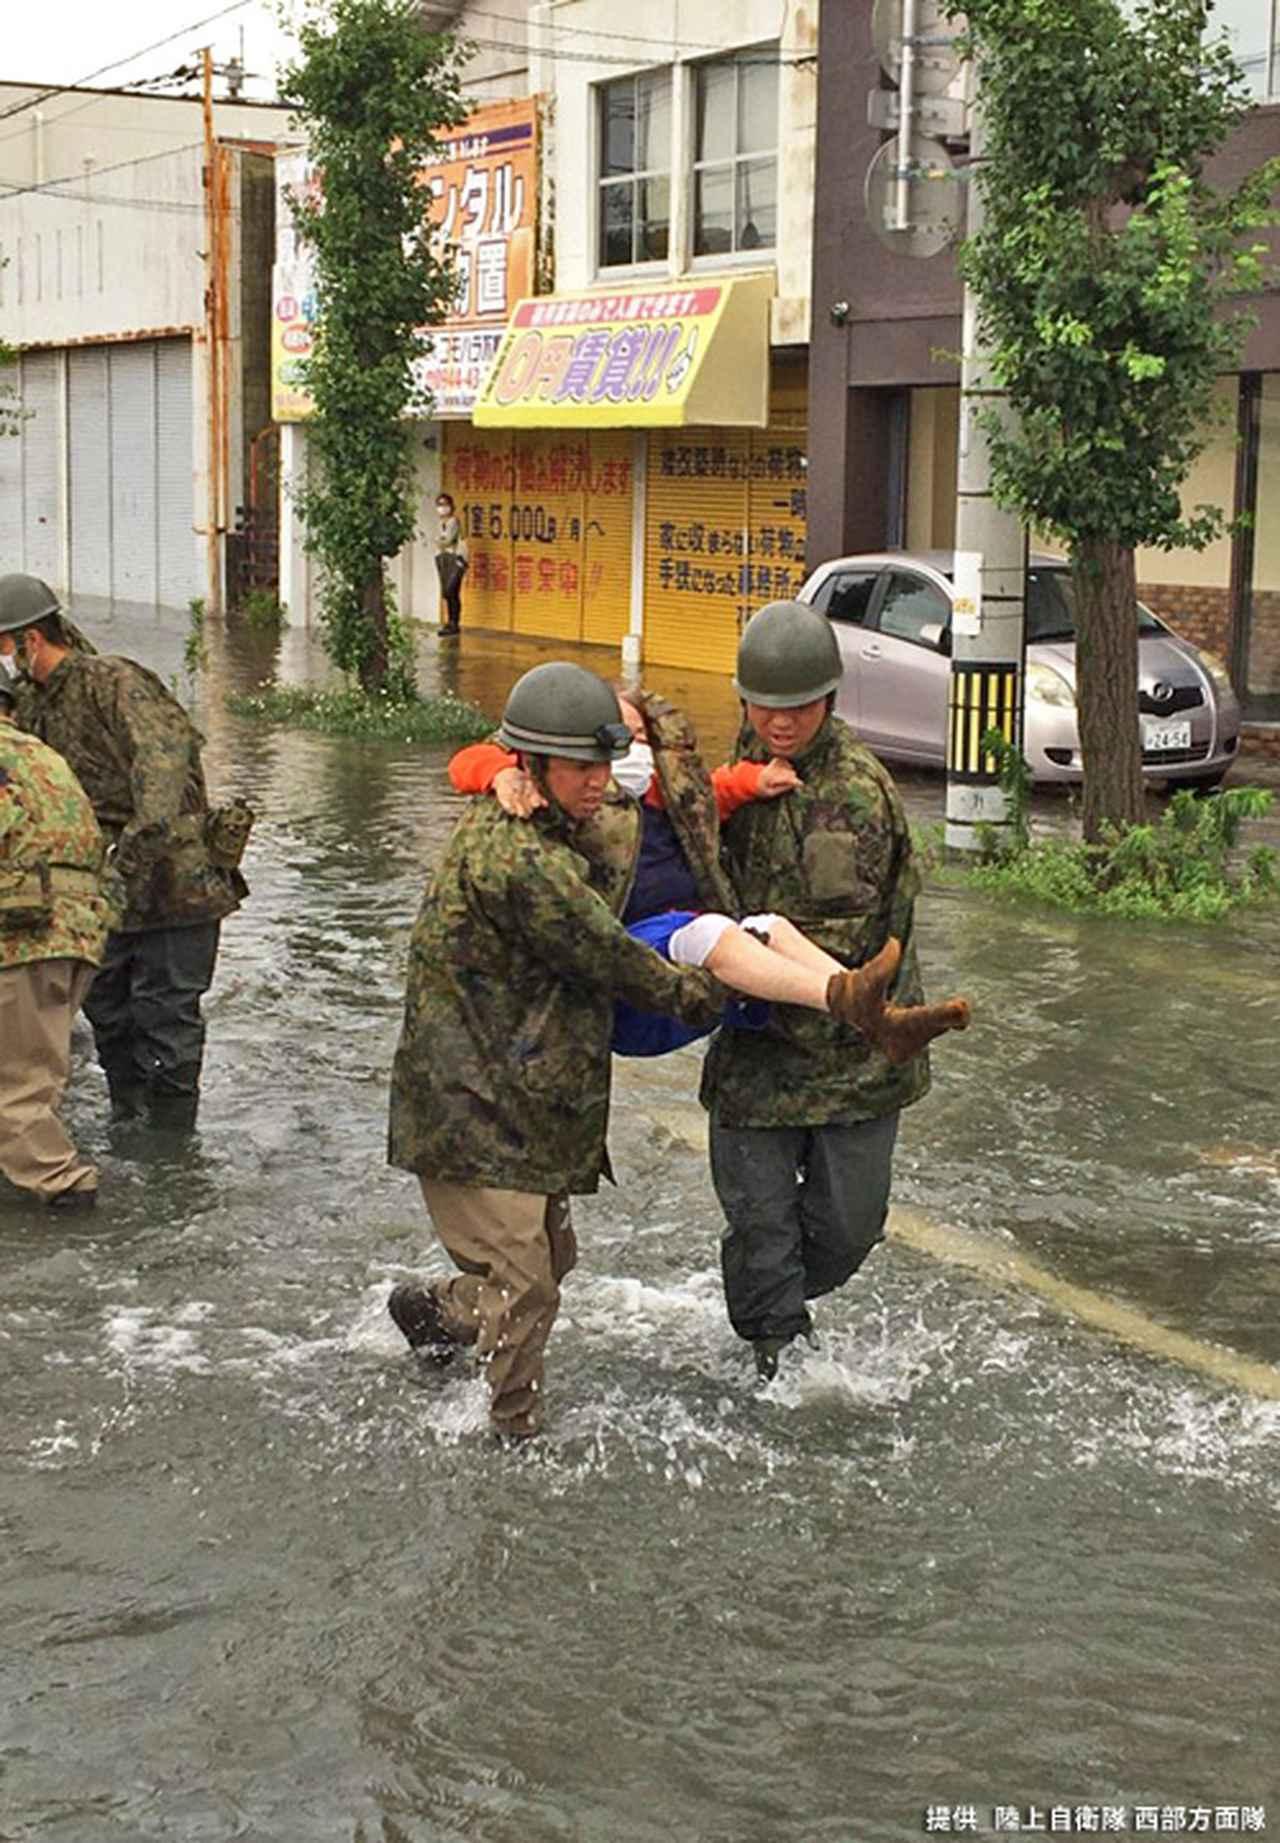 画像6: 写真で見る「令和2年7月豪雨」災害派遣|陸自西部方面隊